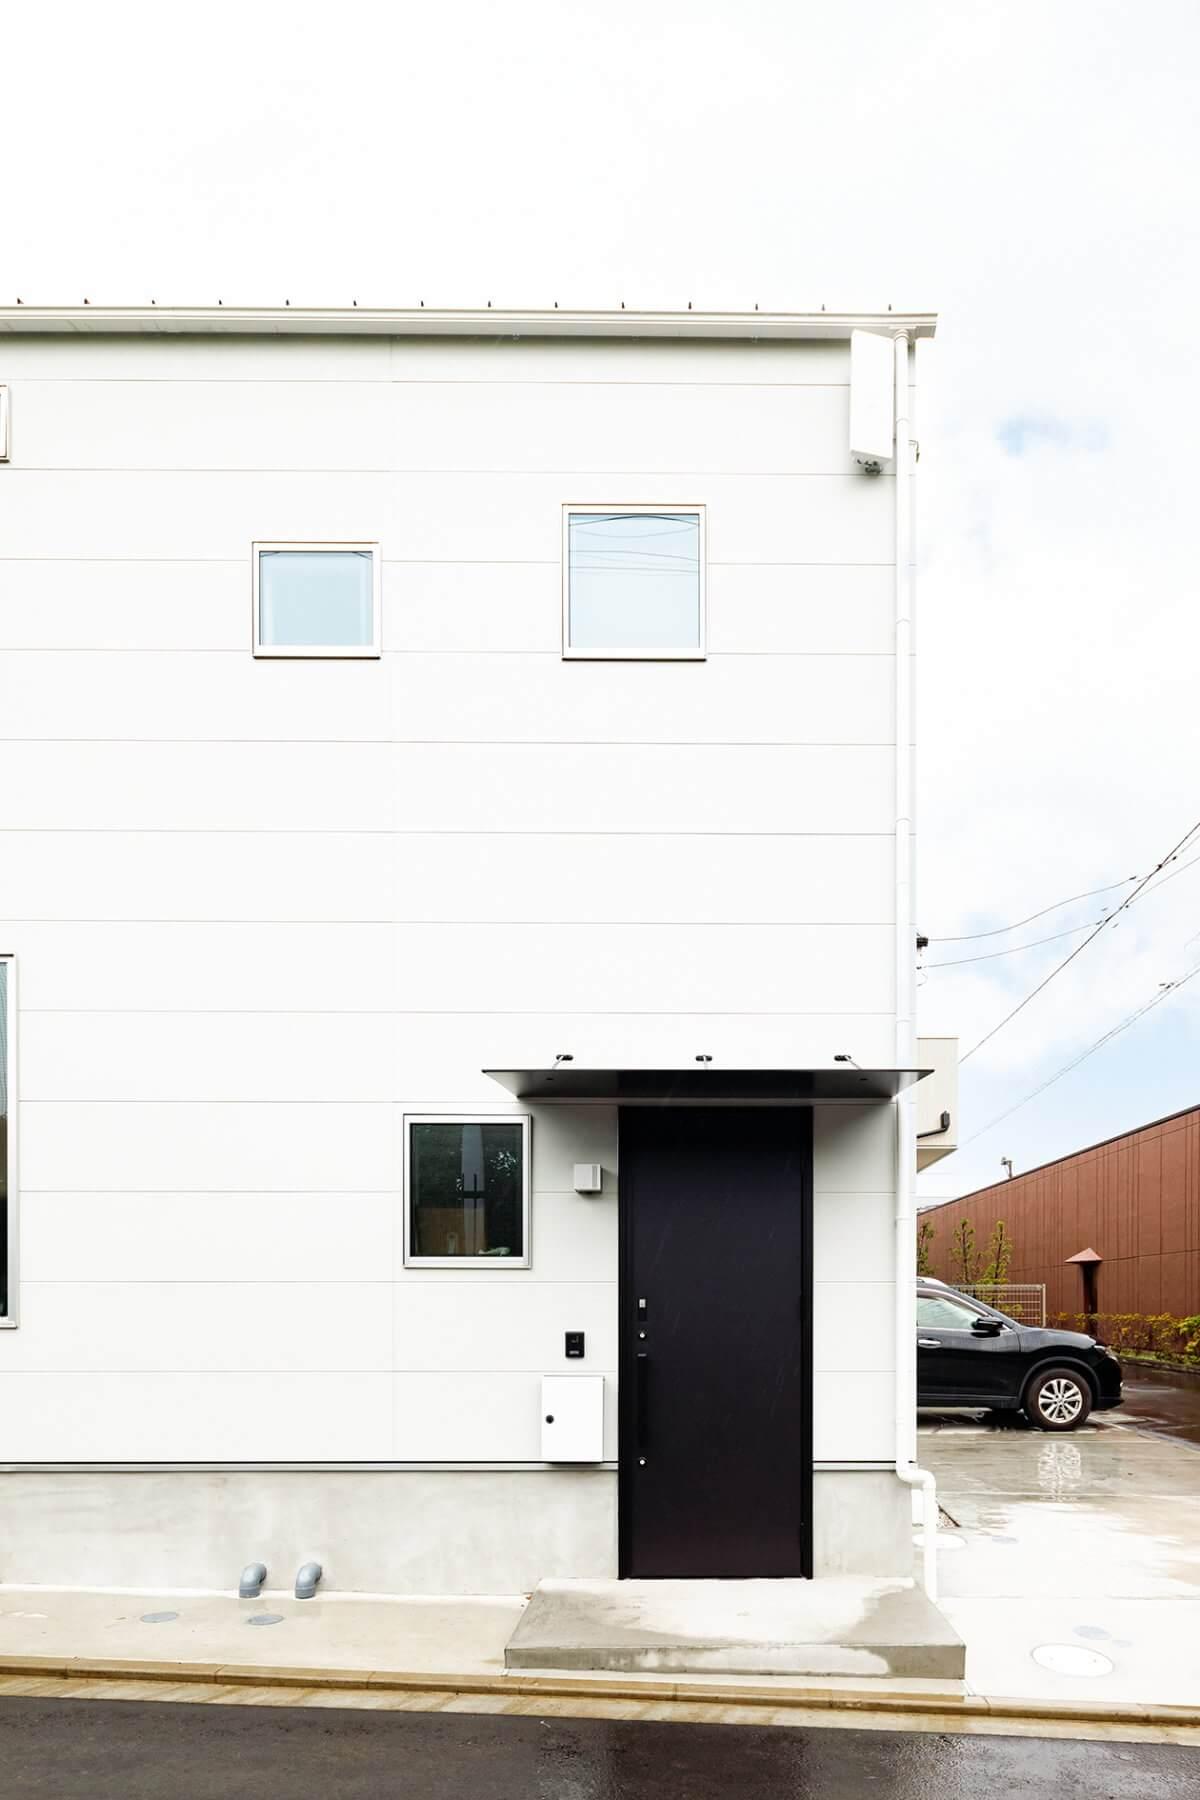 正面の黒い玄関ドアを開けると、ガレージを経てLDKに入ることができます。